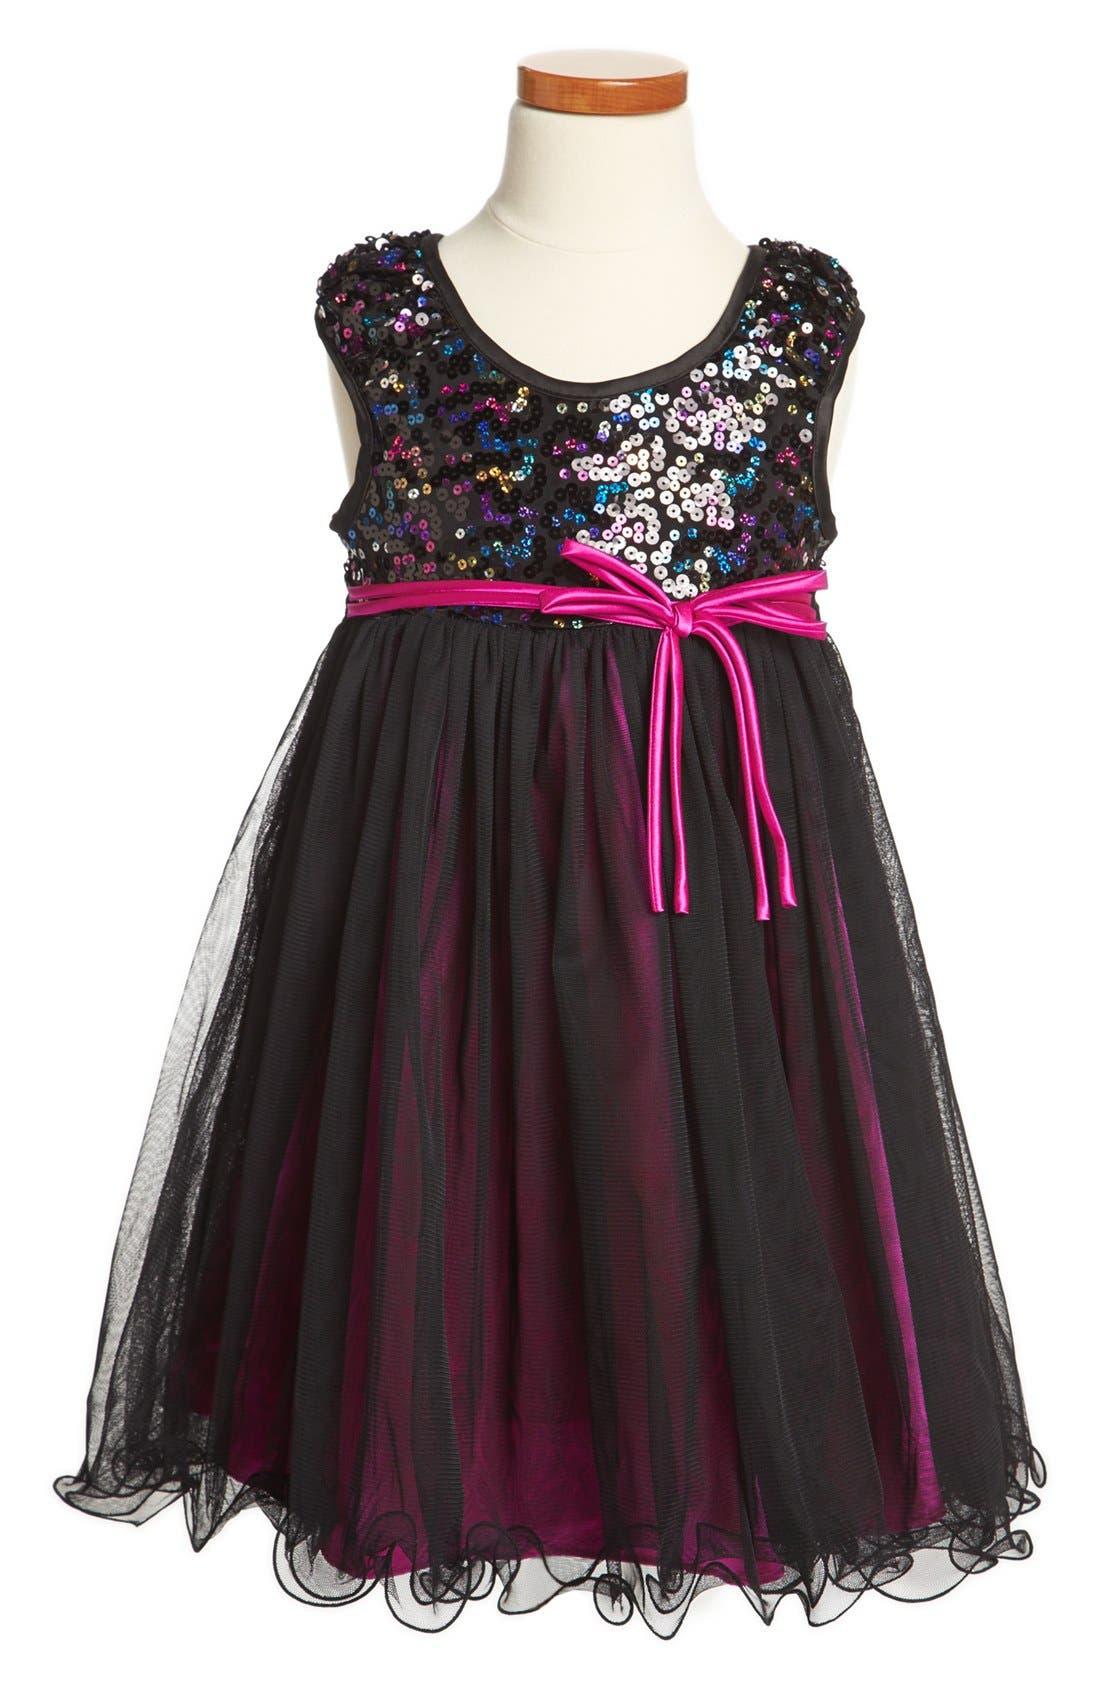 Main Image - Iris & Ivy Sequin Dress (Little Girls & Big Girls)